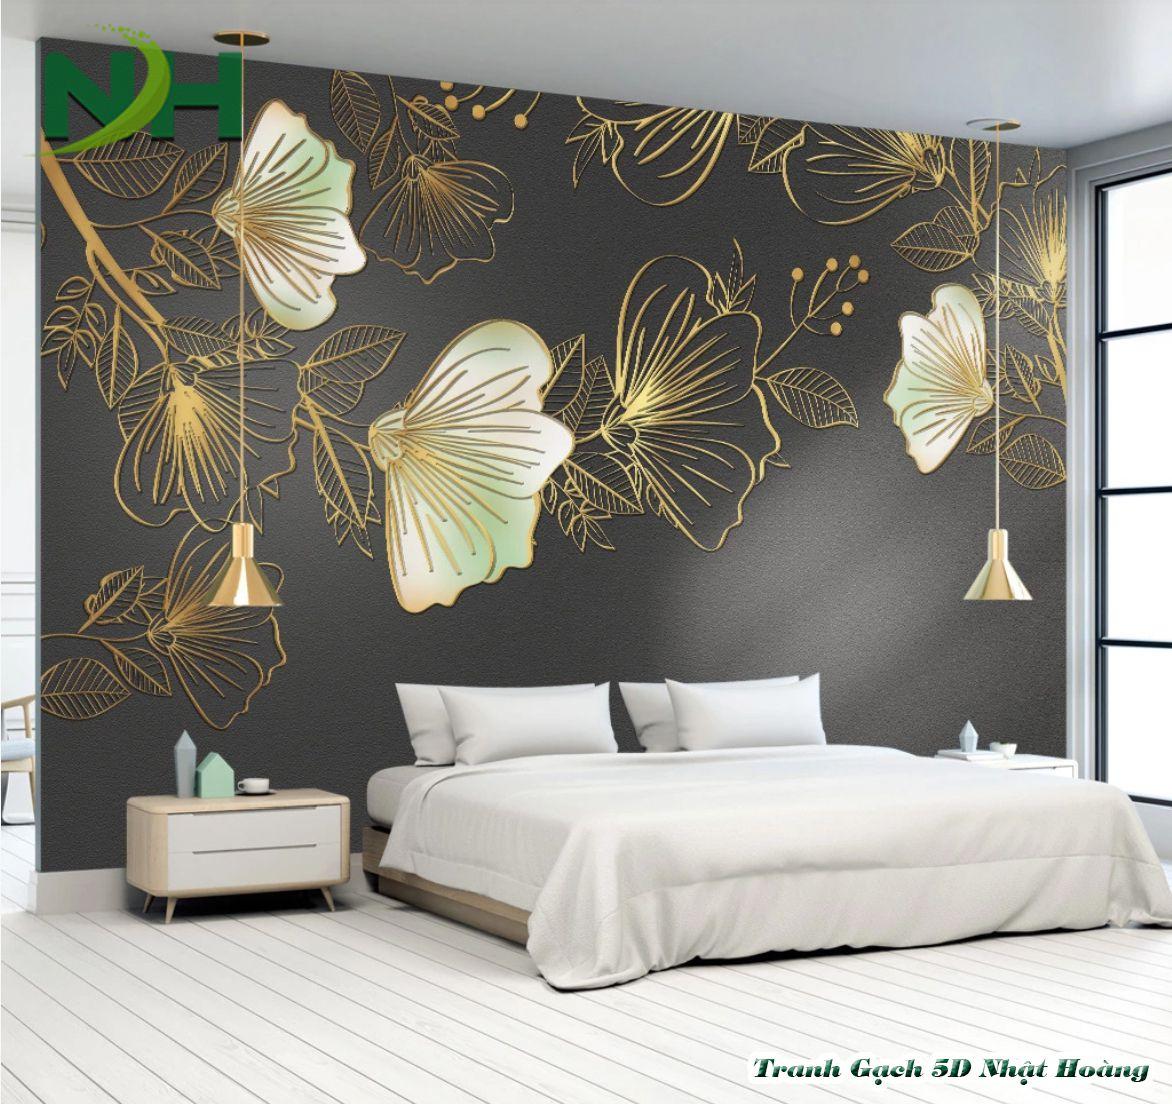 tranh gạch 3D phòng ngủ ốp tường